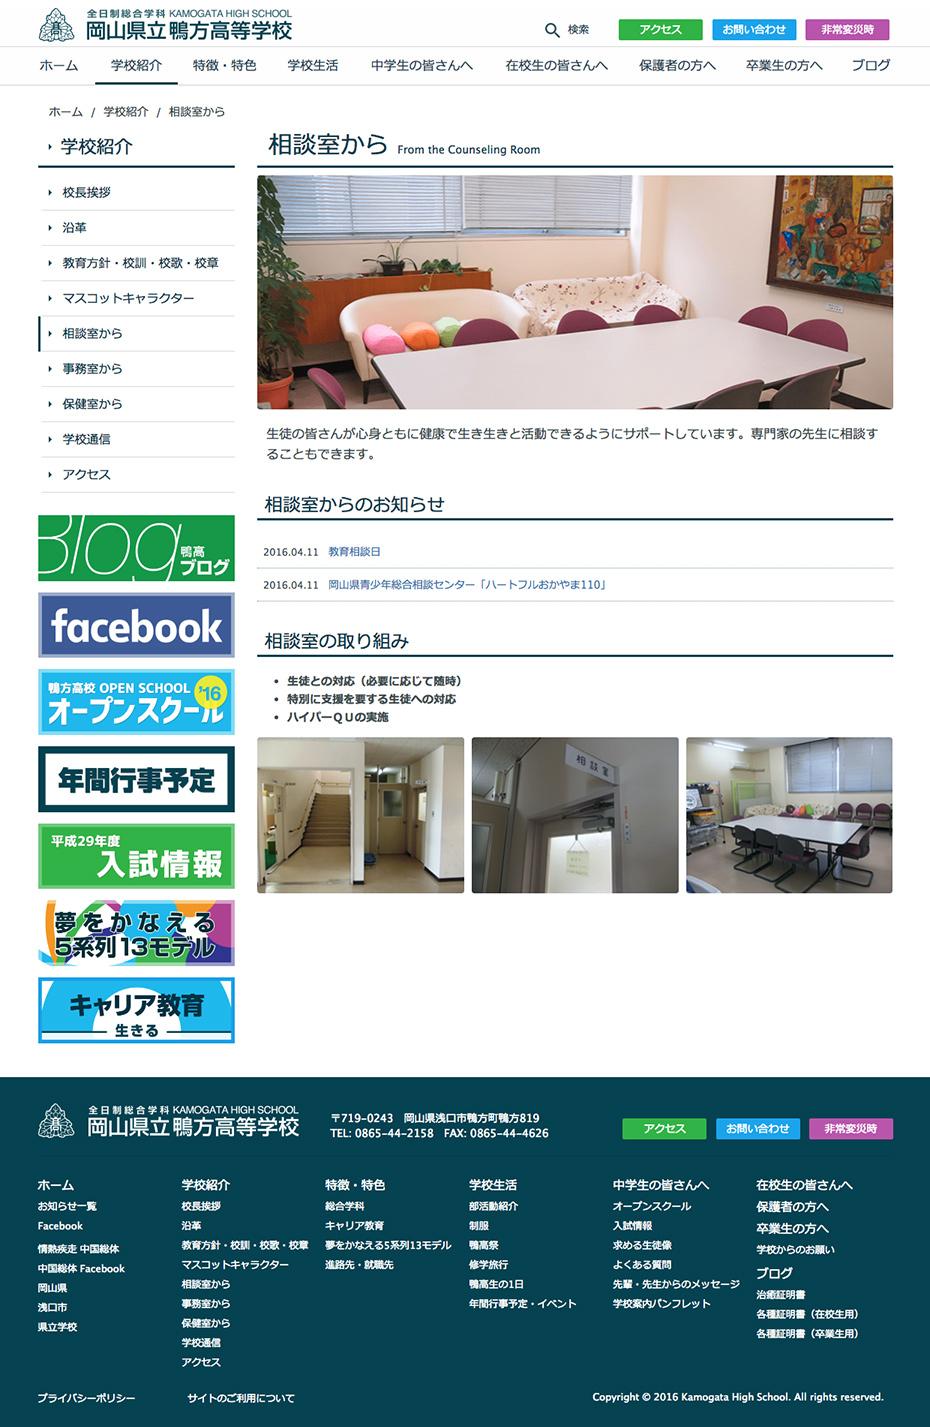 岡山県立鴨方高等学校様 ホームページ 相談室から